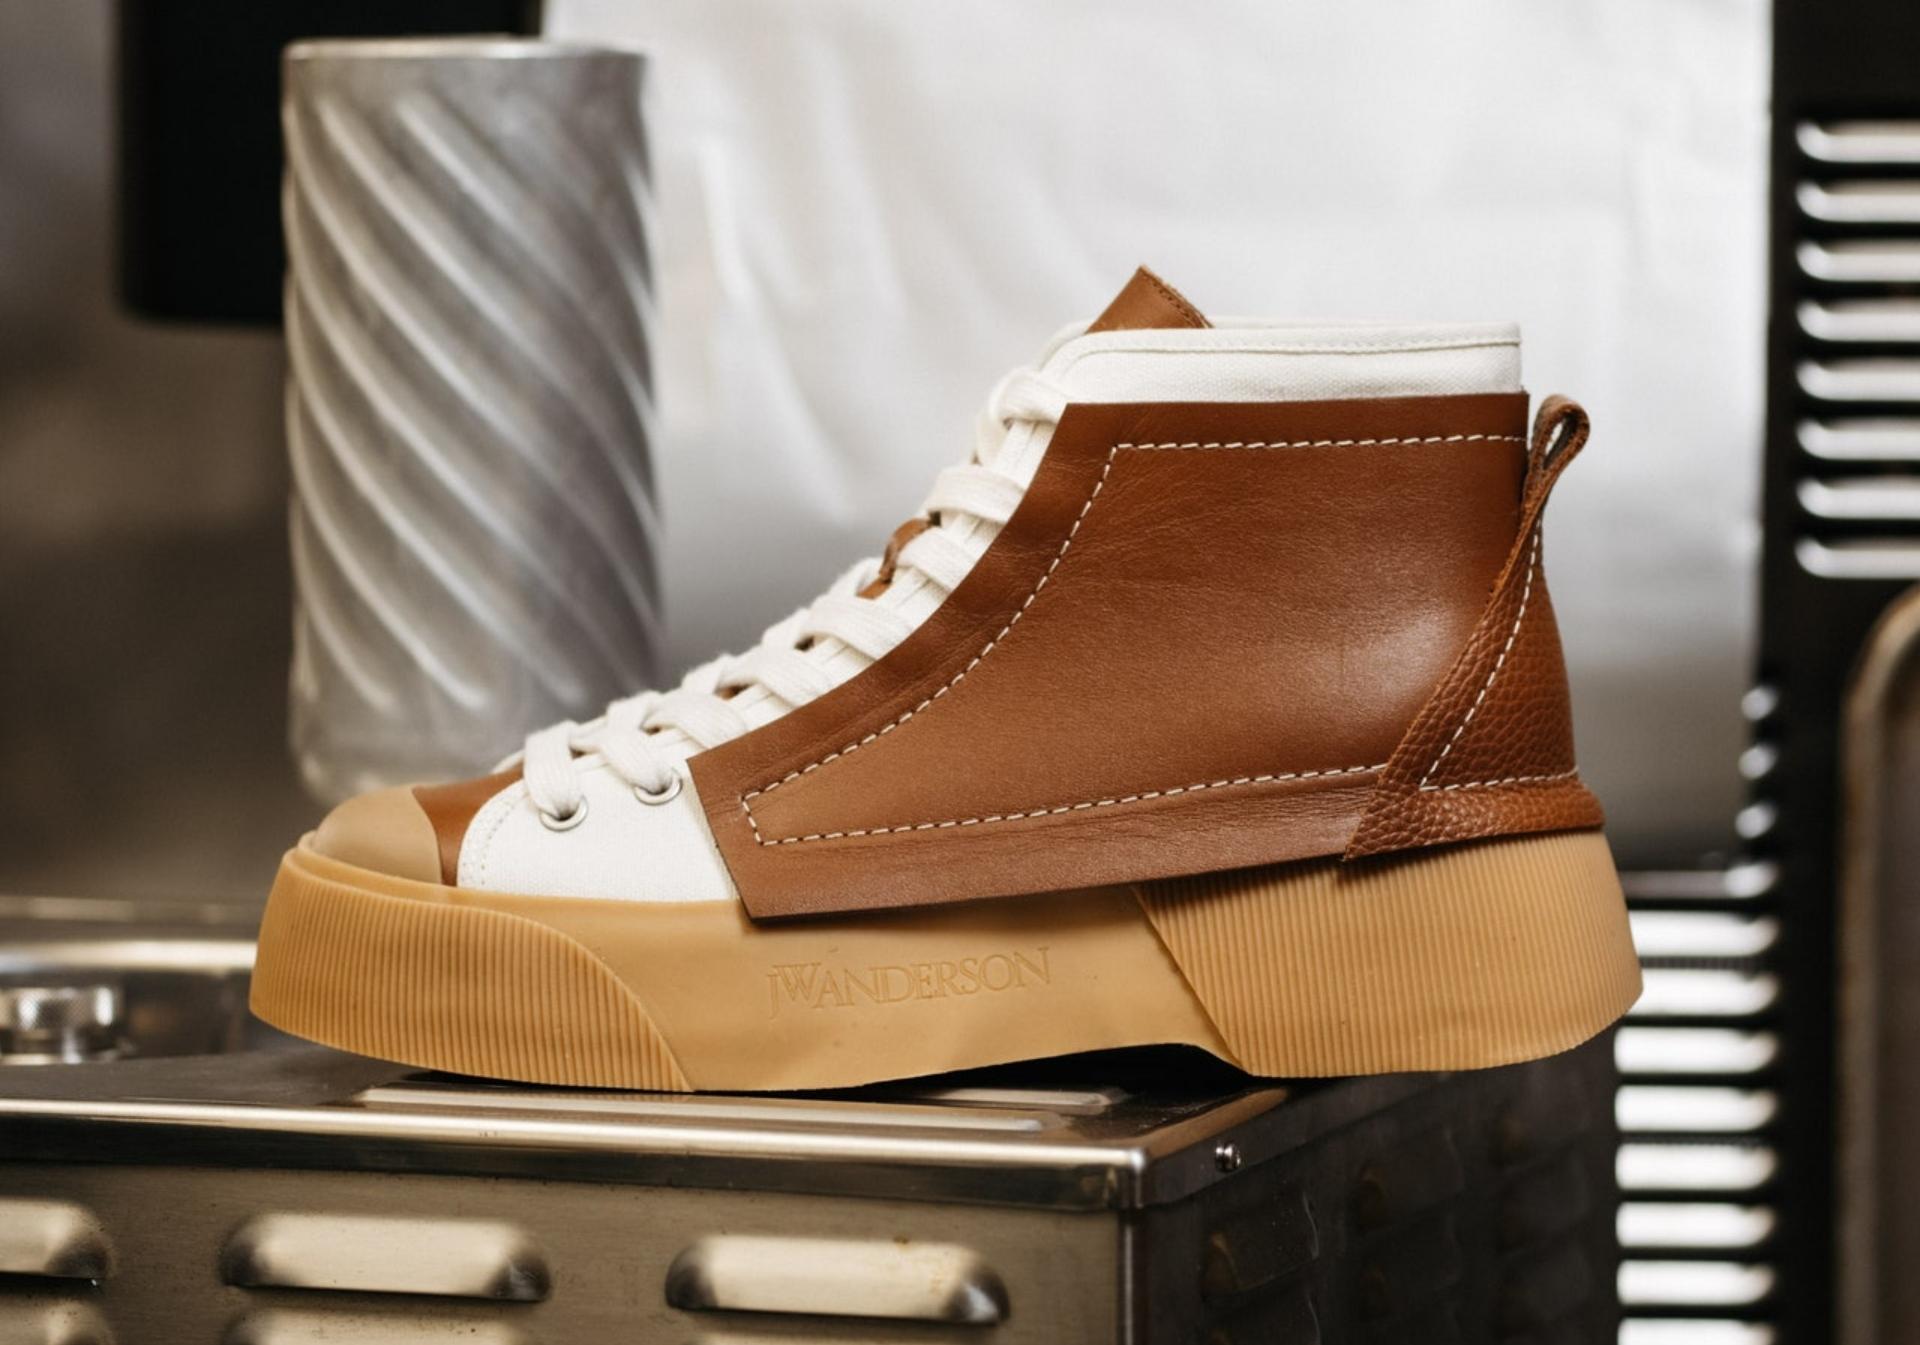 Clásicas: así son las nuevas sneakers de JW Anderson